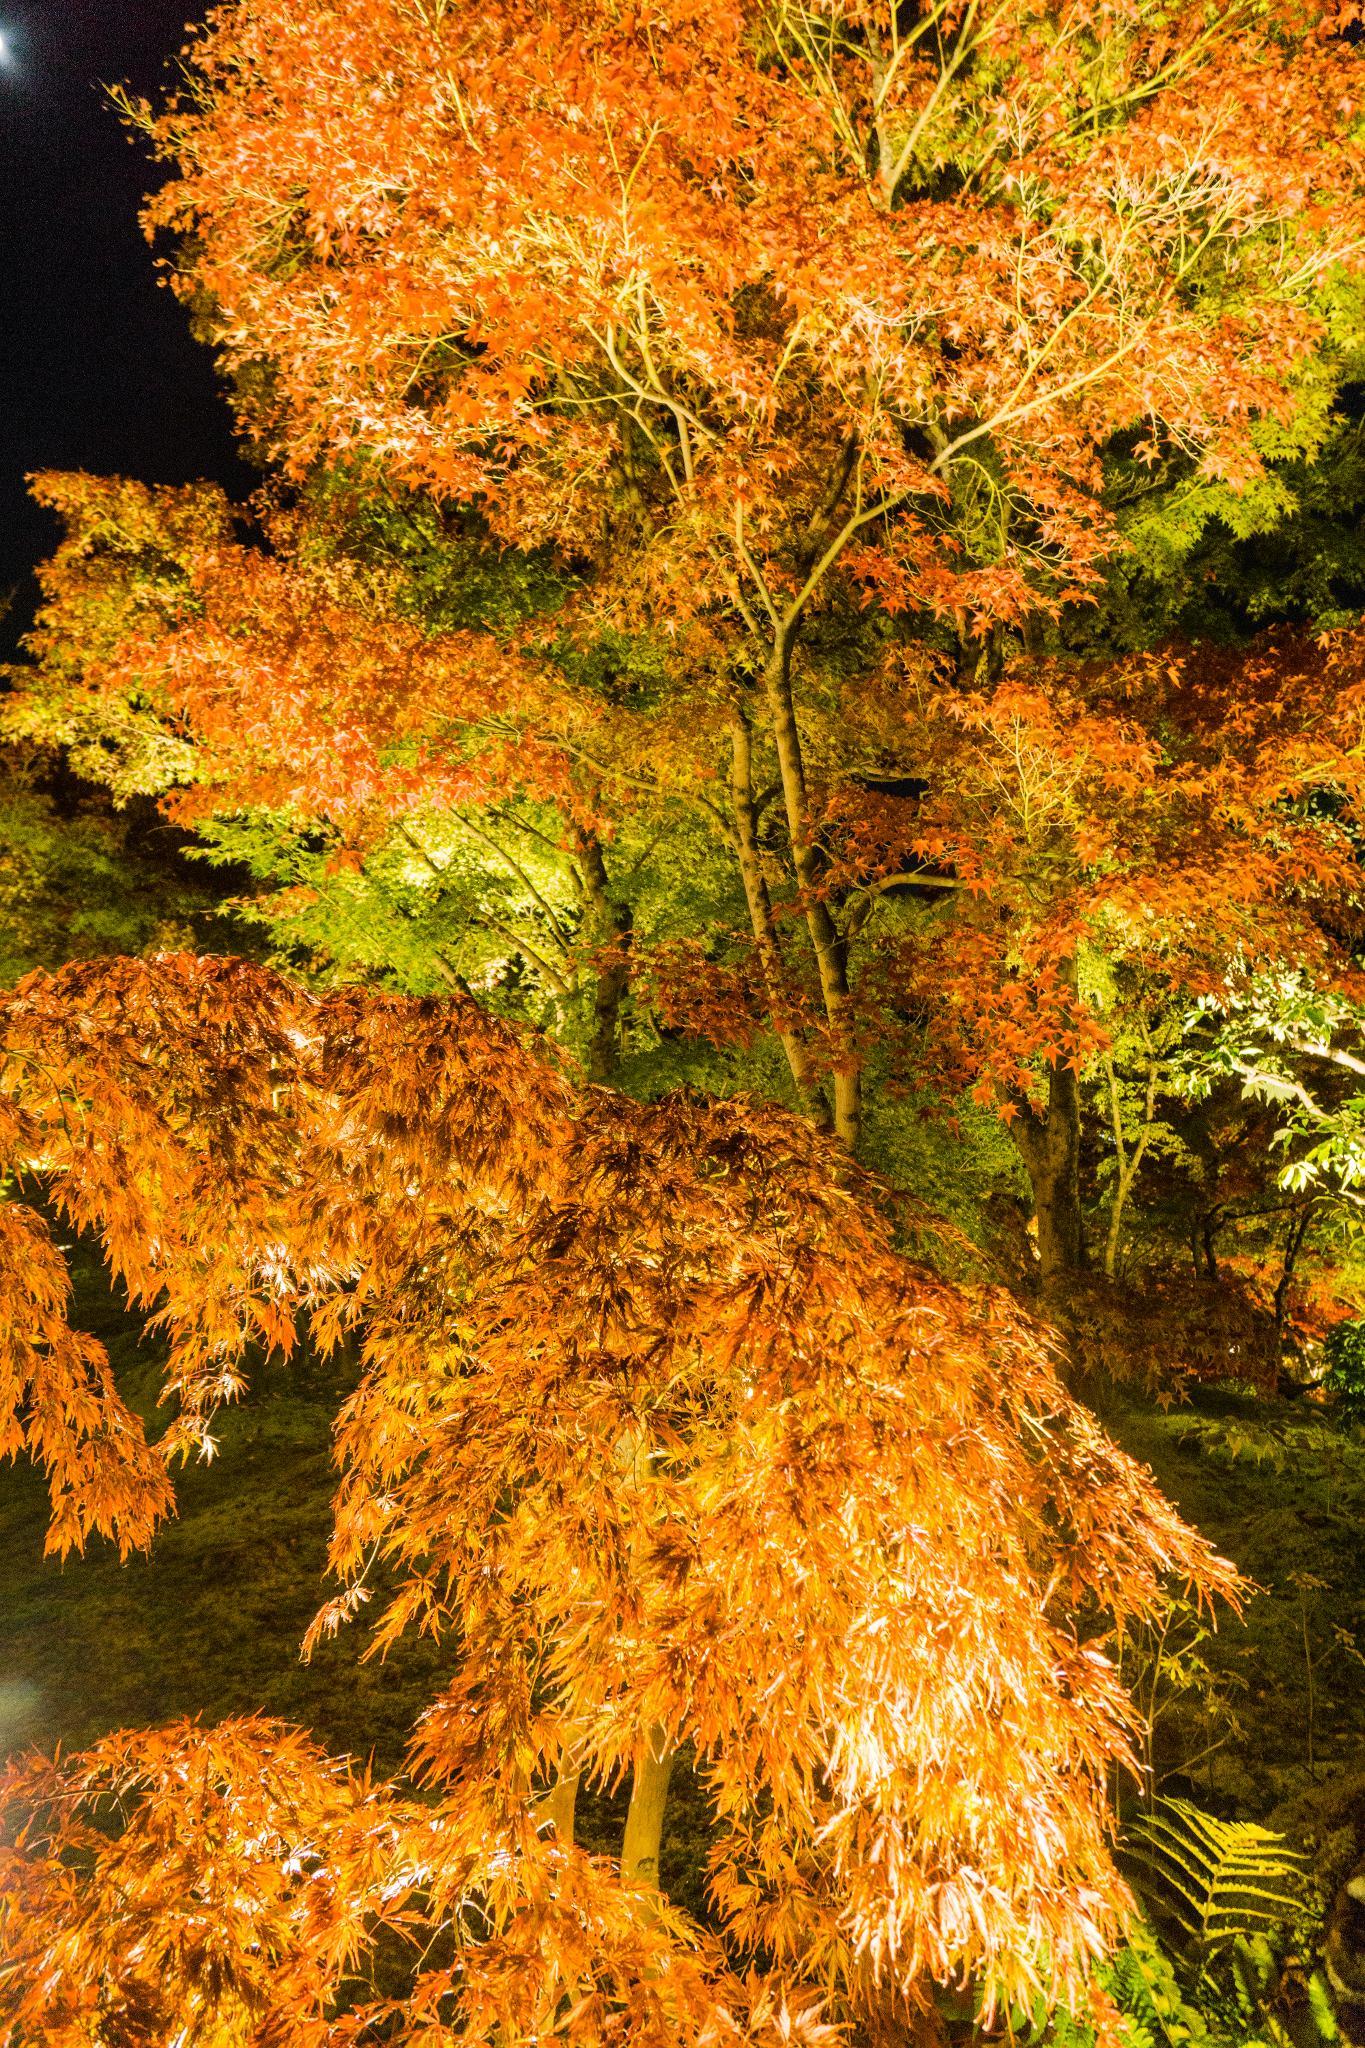 【京都】此生必來的紅葉狩絕景 - 永觀堂夜楓 127